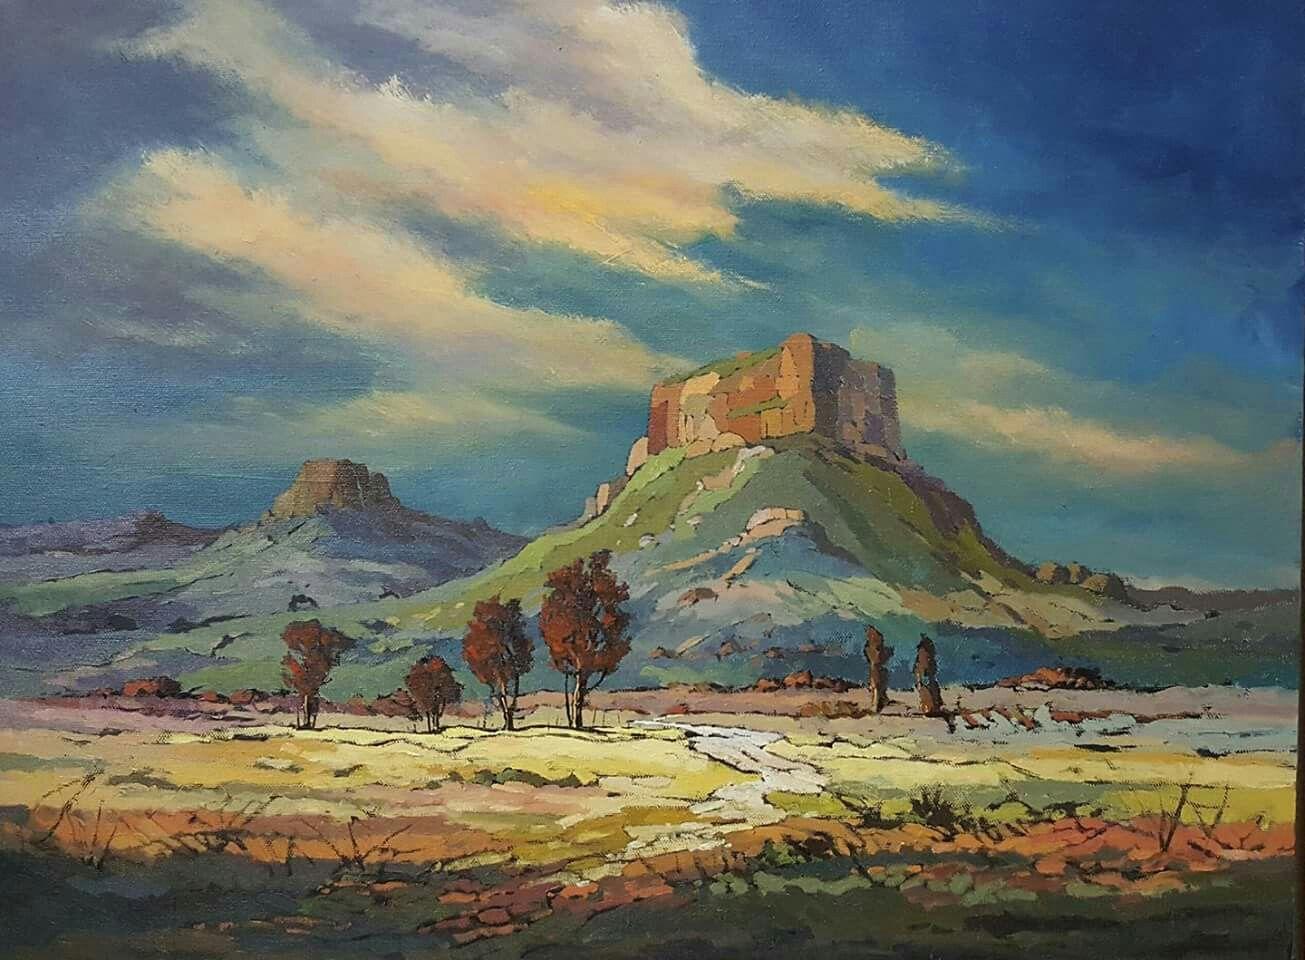 Gerrit pitout art art oil painting landscape art images